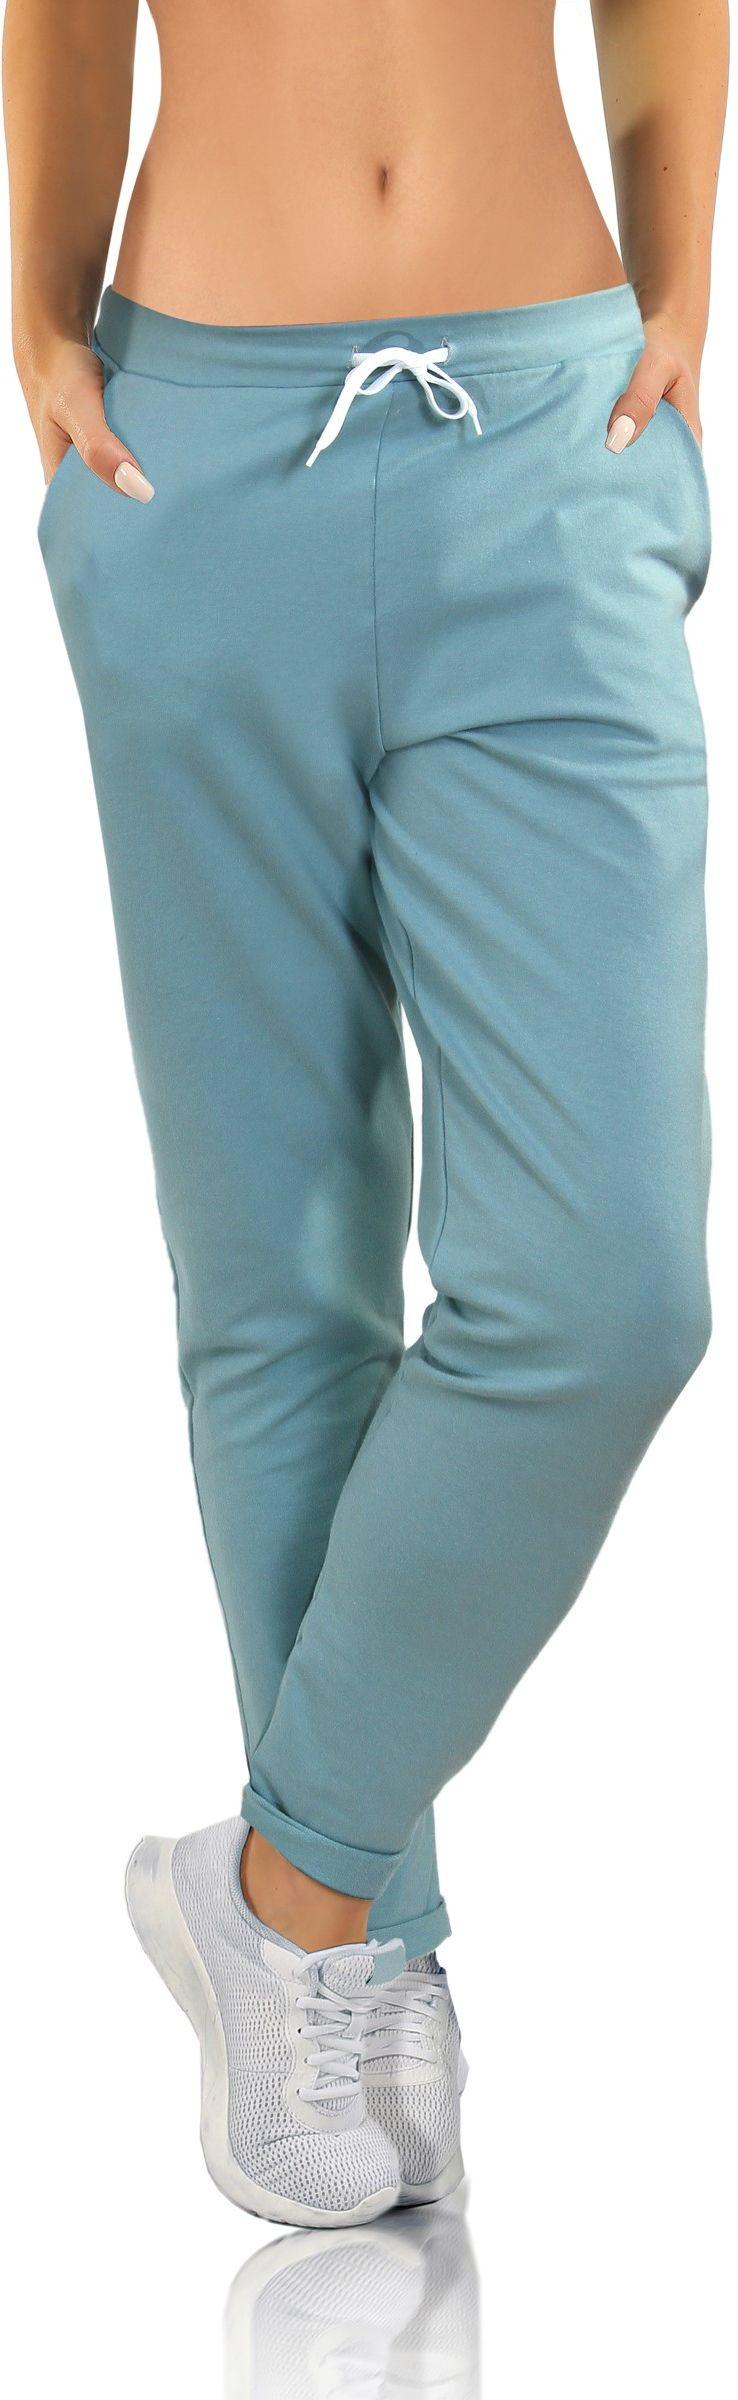 Spodnie sportowe z kieszeniami MONO Sesto Senso